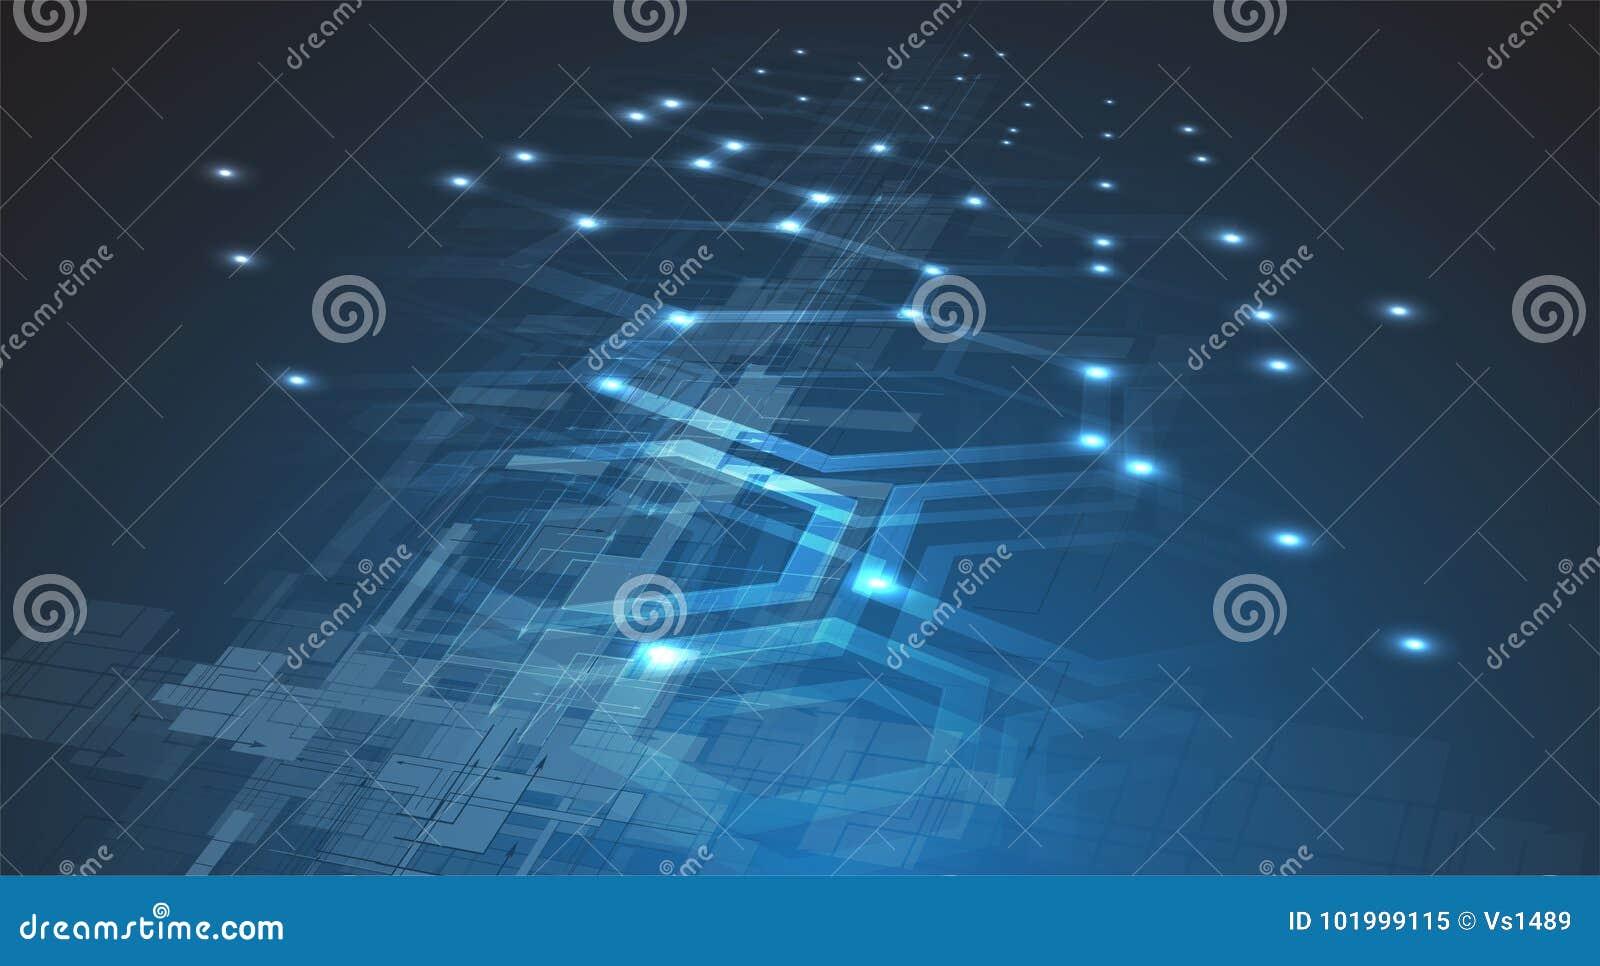 Ψηφιακός κόσμος τεχνολογίας Επιχειρησιακή εικονική έννοια Διάνυσμα backg